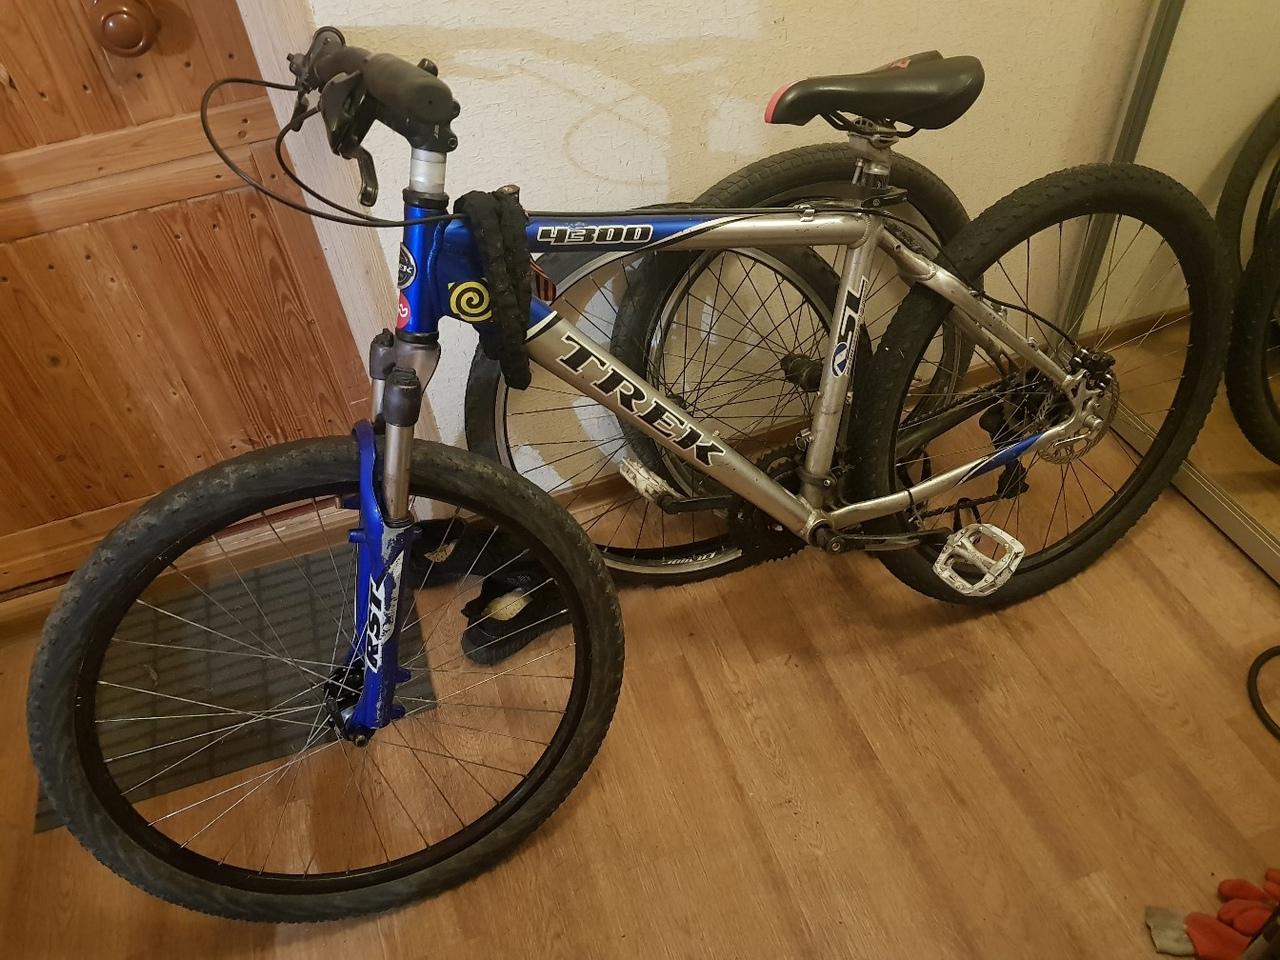 С 00:00 до 01:00 украли велосипед по адресу ушинского 23к2. Просьба помочь найти. Телефон для связи...